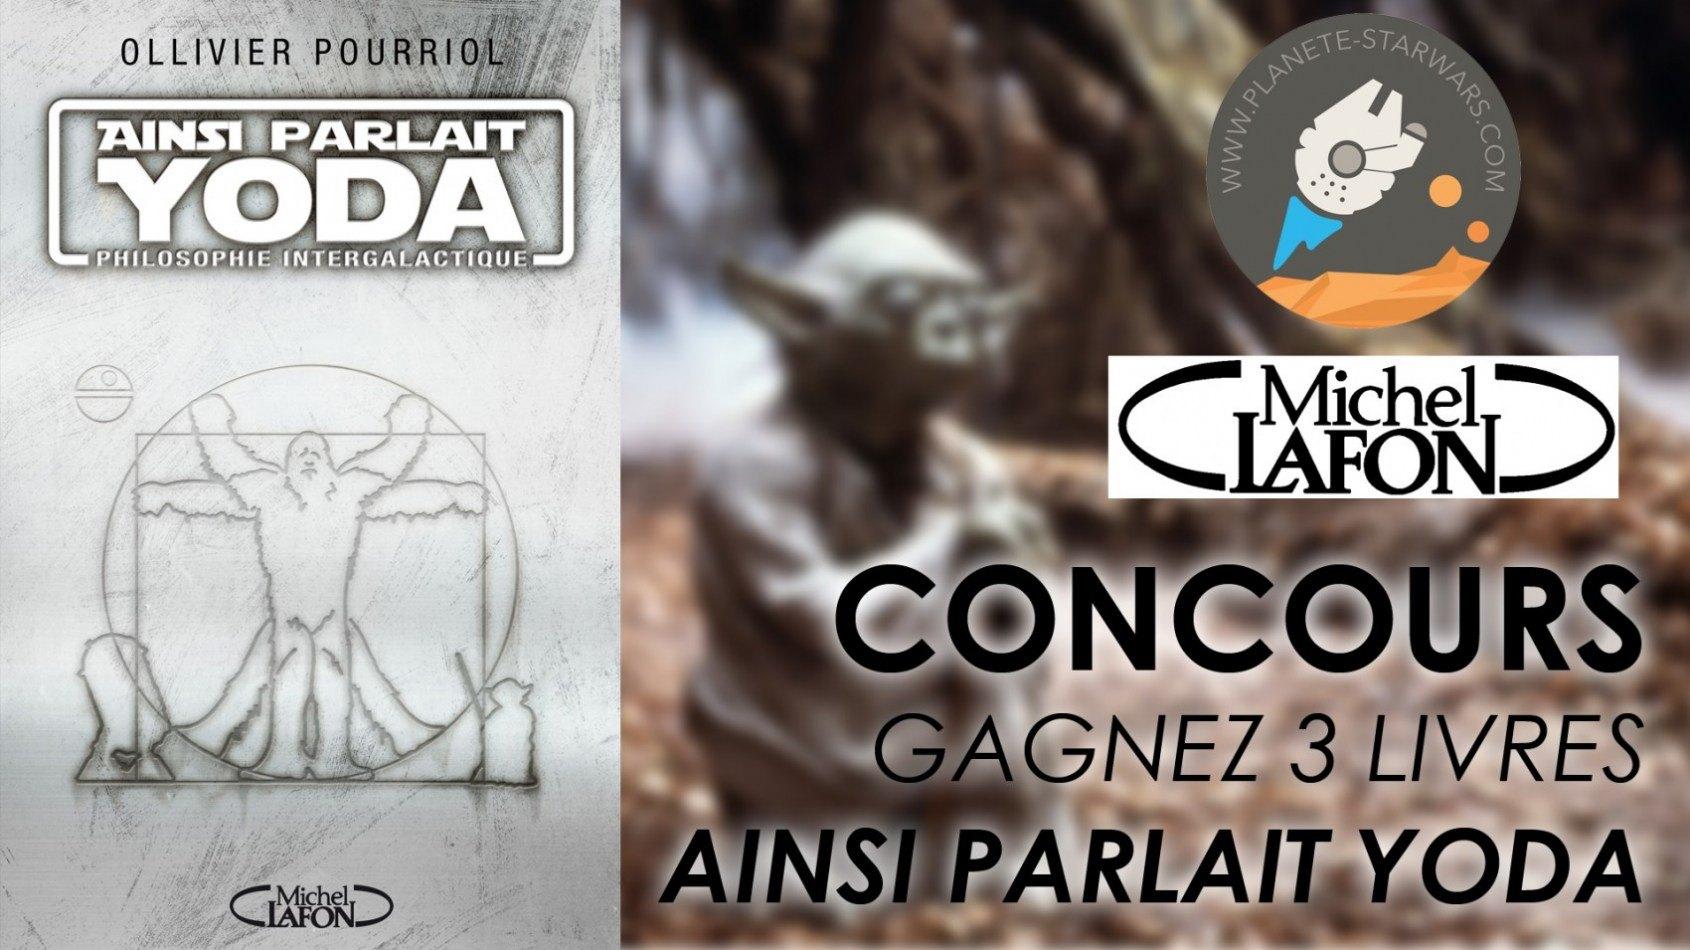 Concours : Gagnez le livre Ainsi Parlait Yoda, aux éditions Michel Lafon